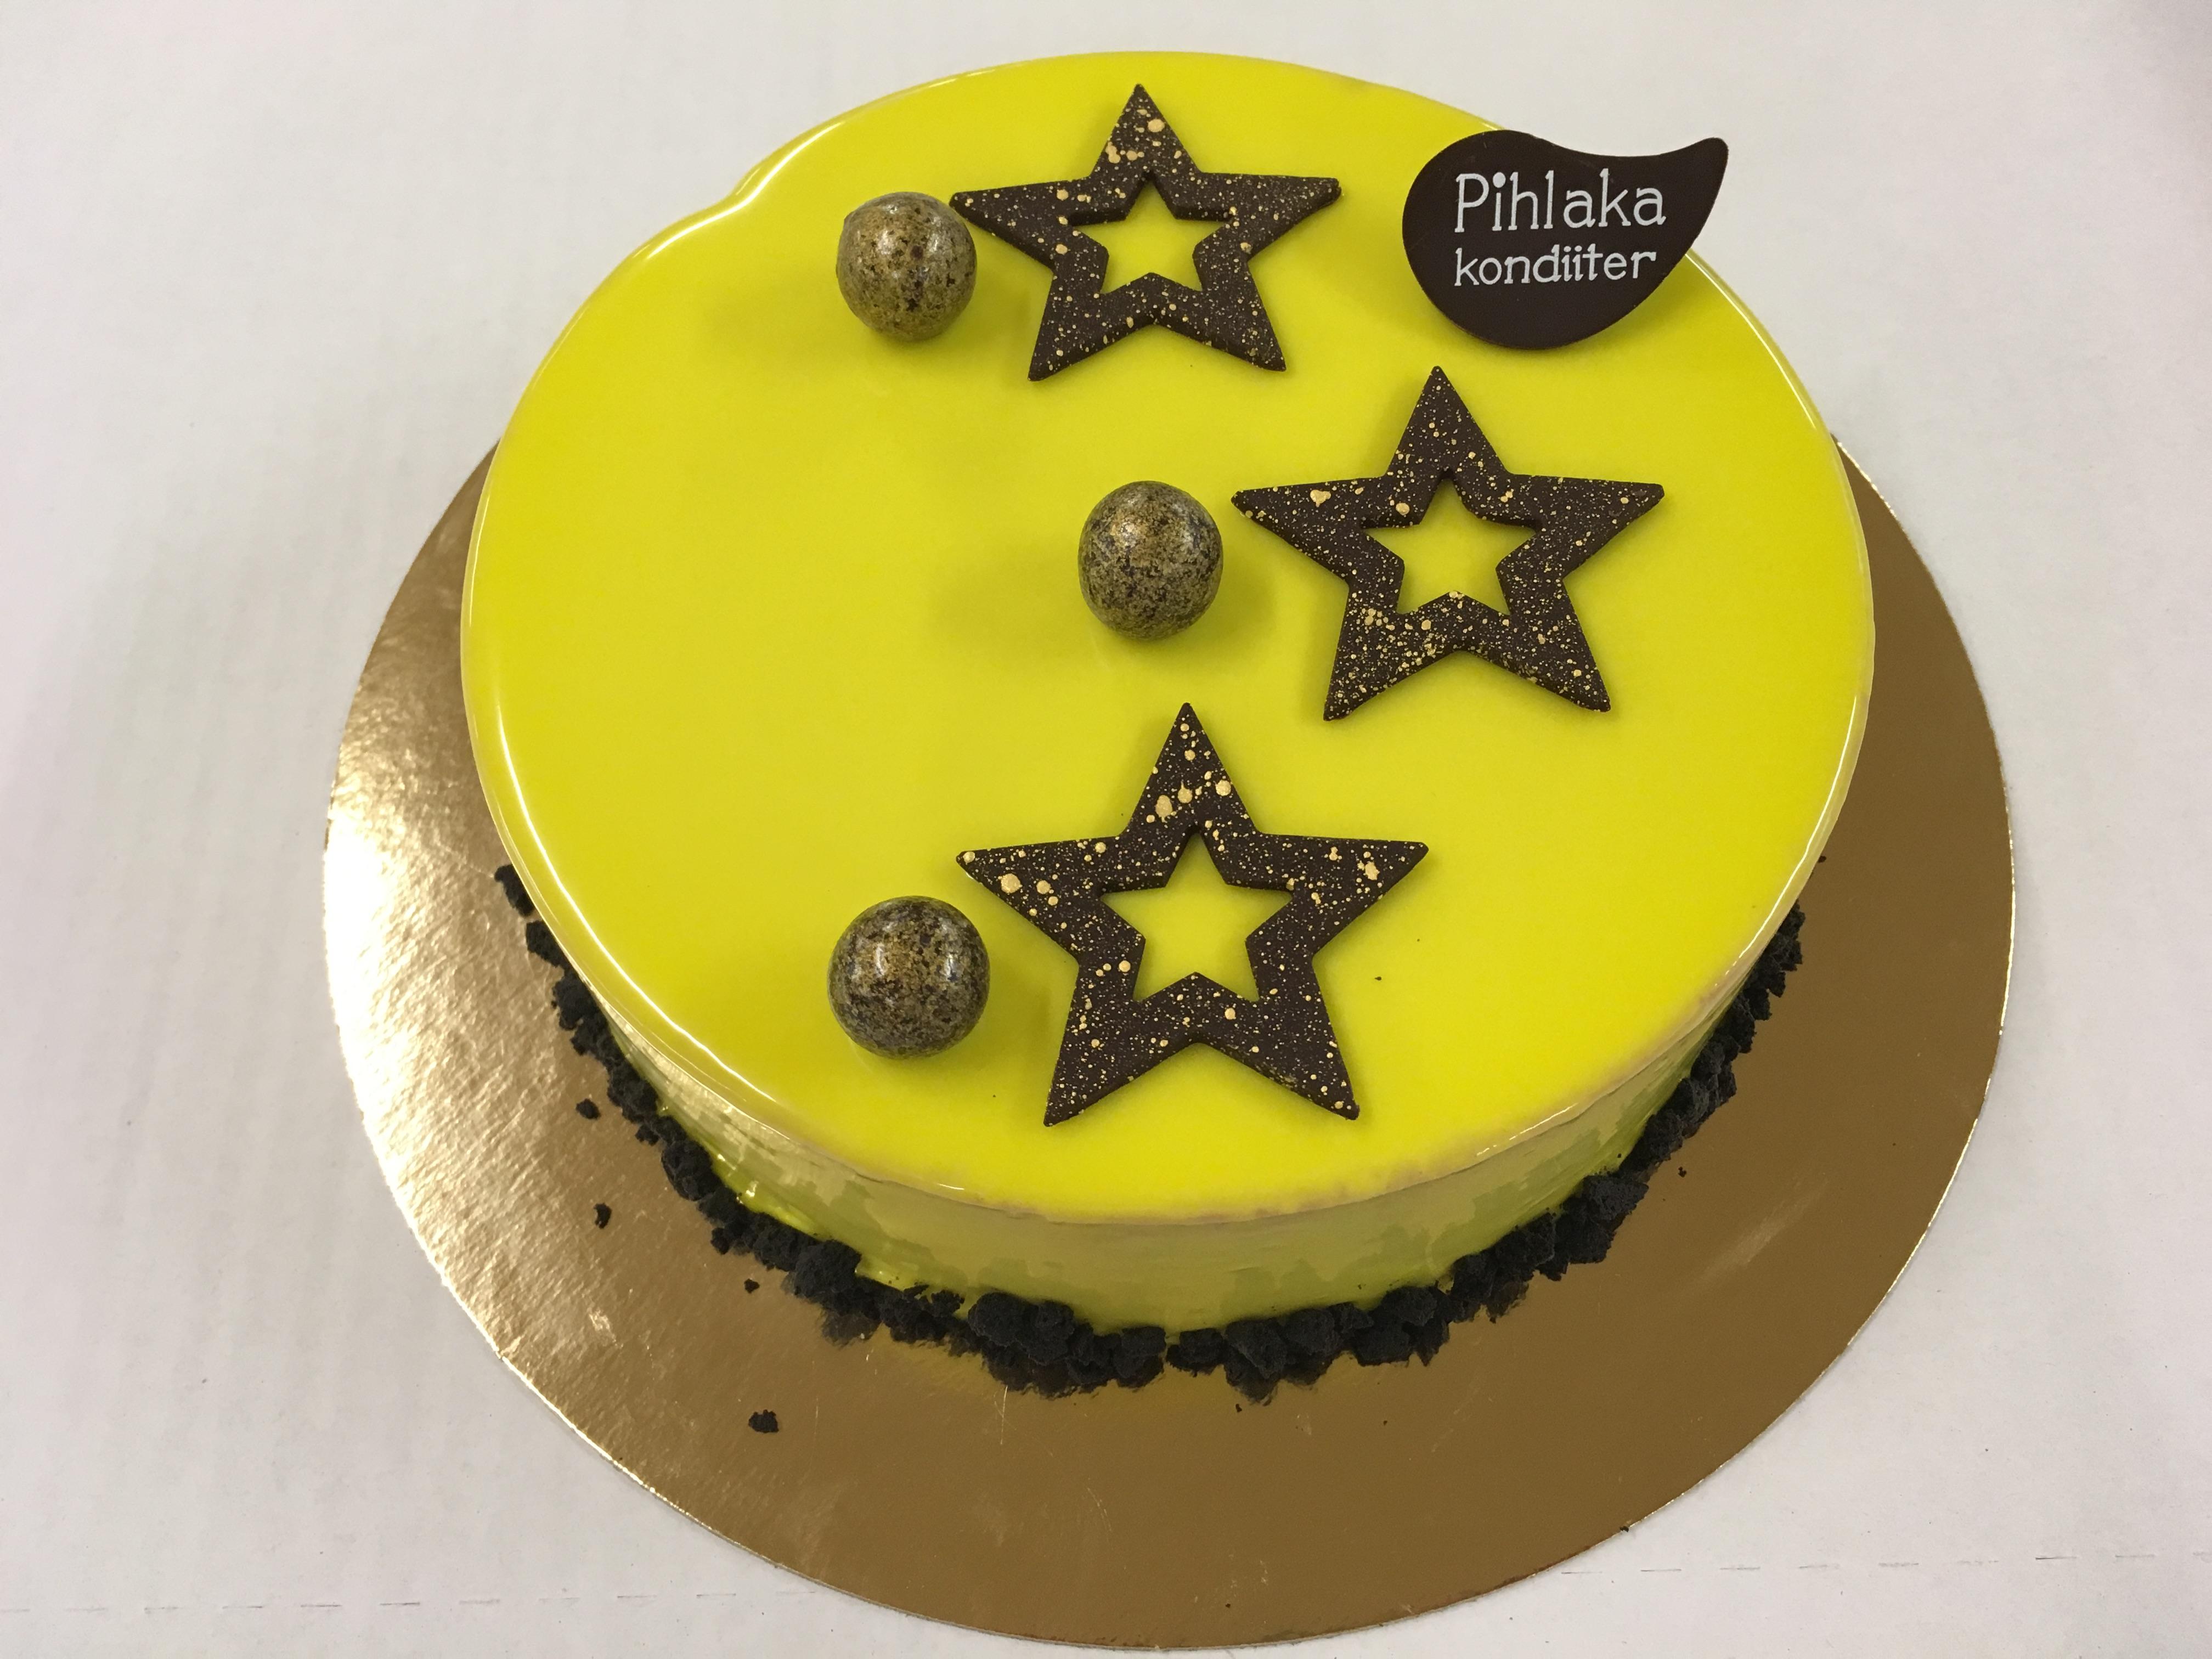 7d033b59ca0 Pihlaka kondiiter | Passioni tort 1kg